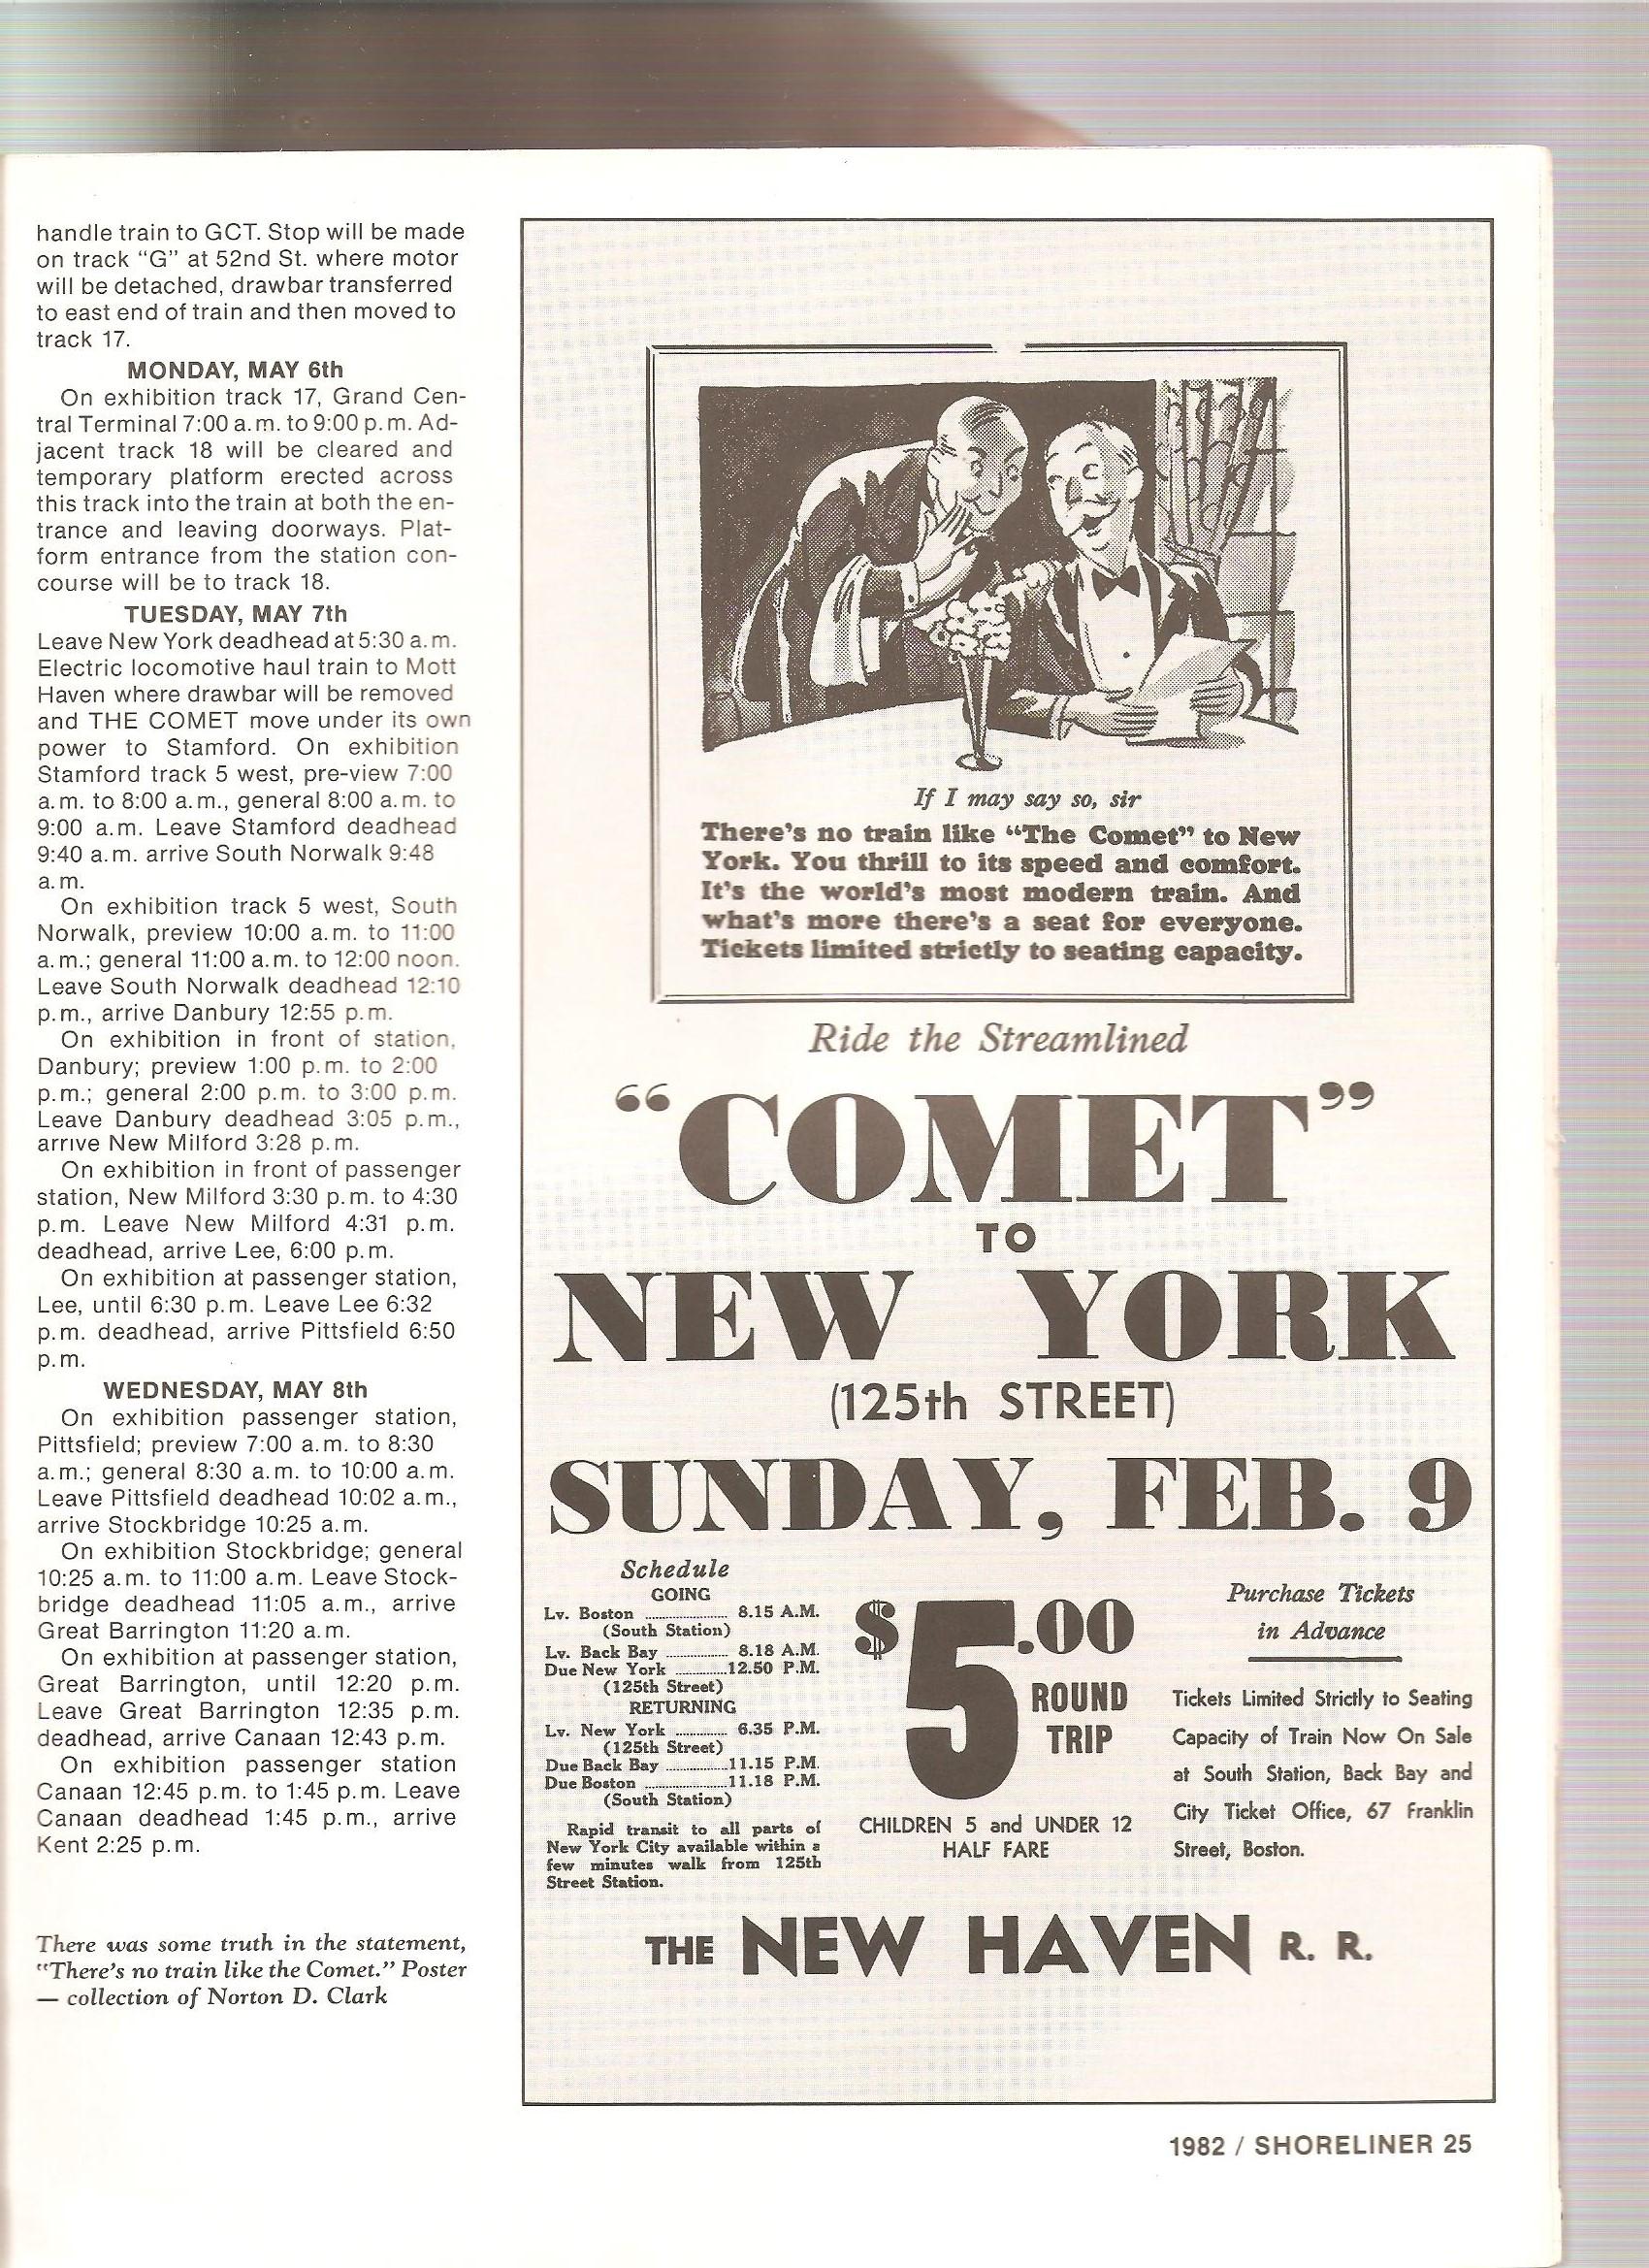 1935 0508 wed comet canaan sl13.1.25.jpg